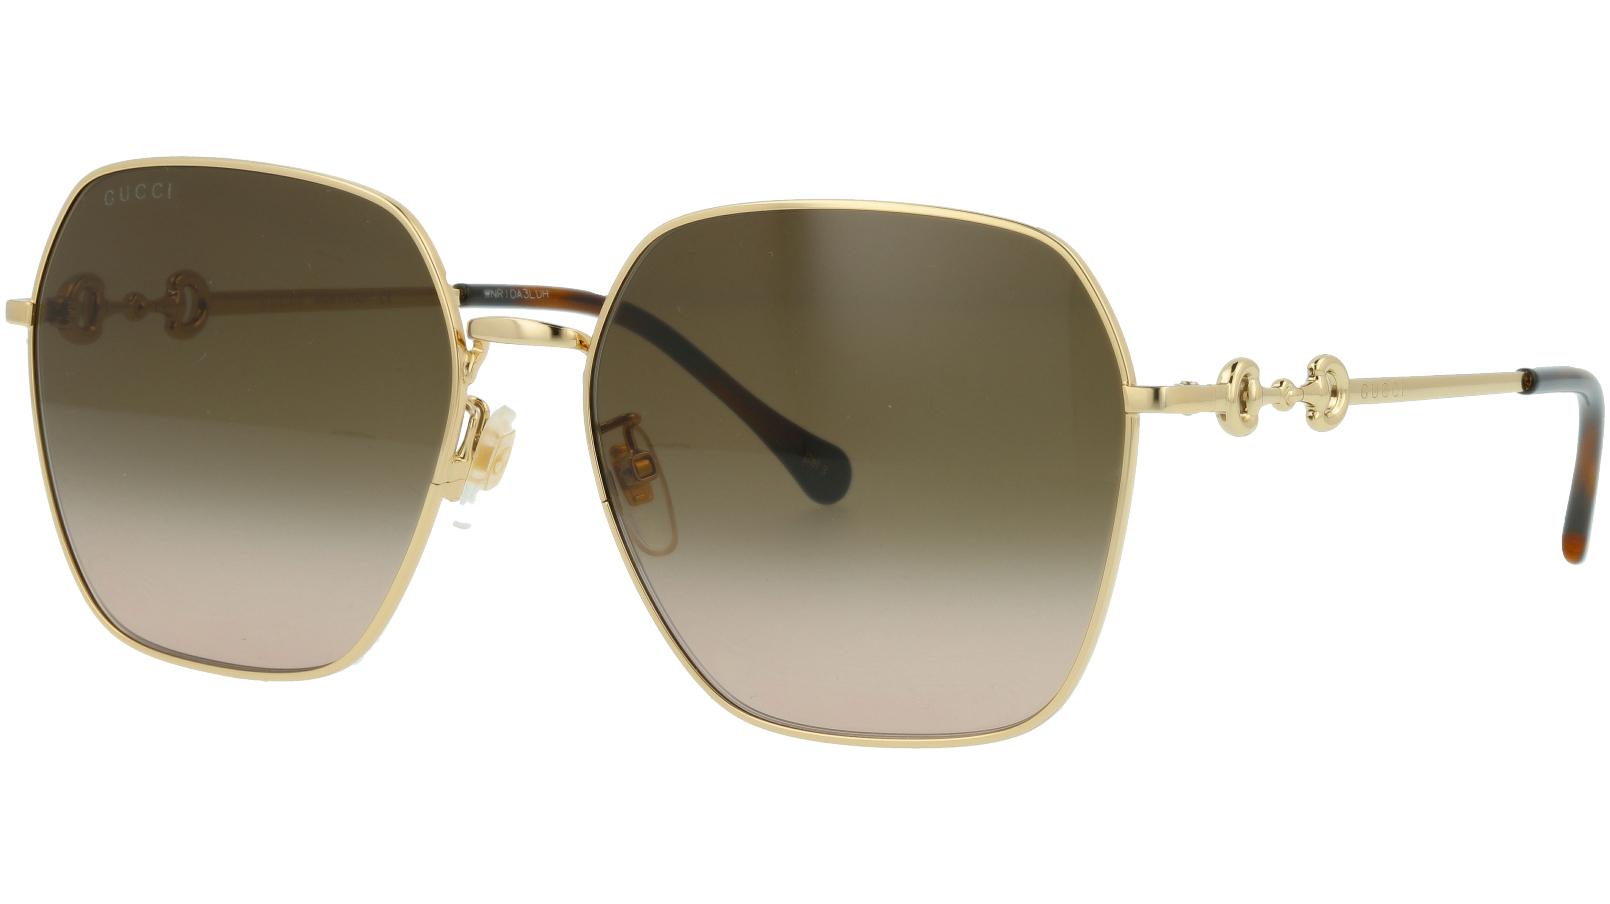 GUCCI GG0882SA 005 60 GOLD Sunglasses